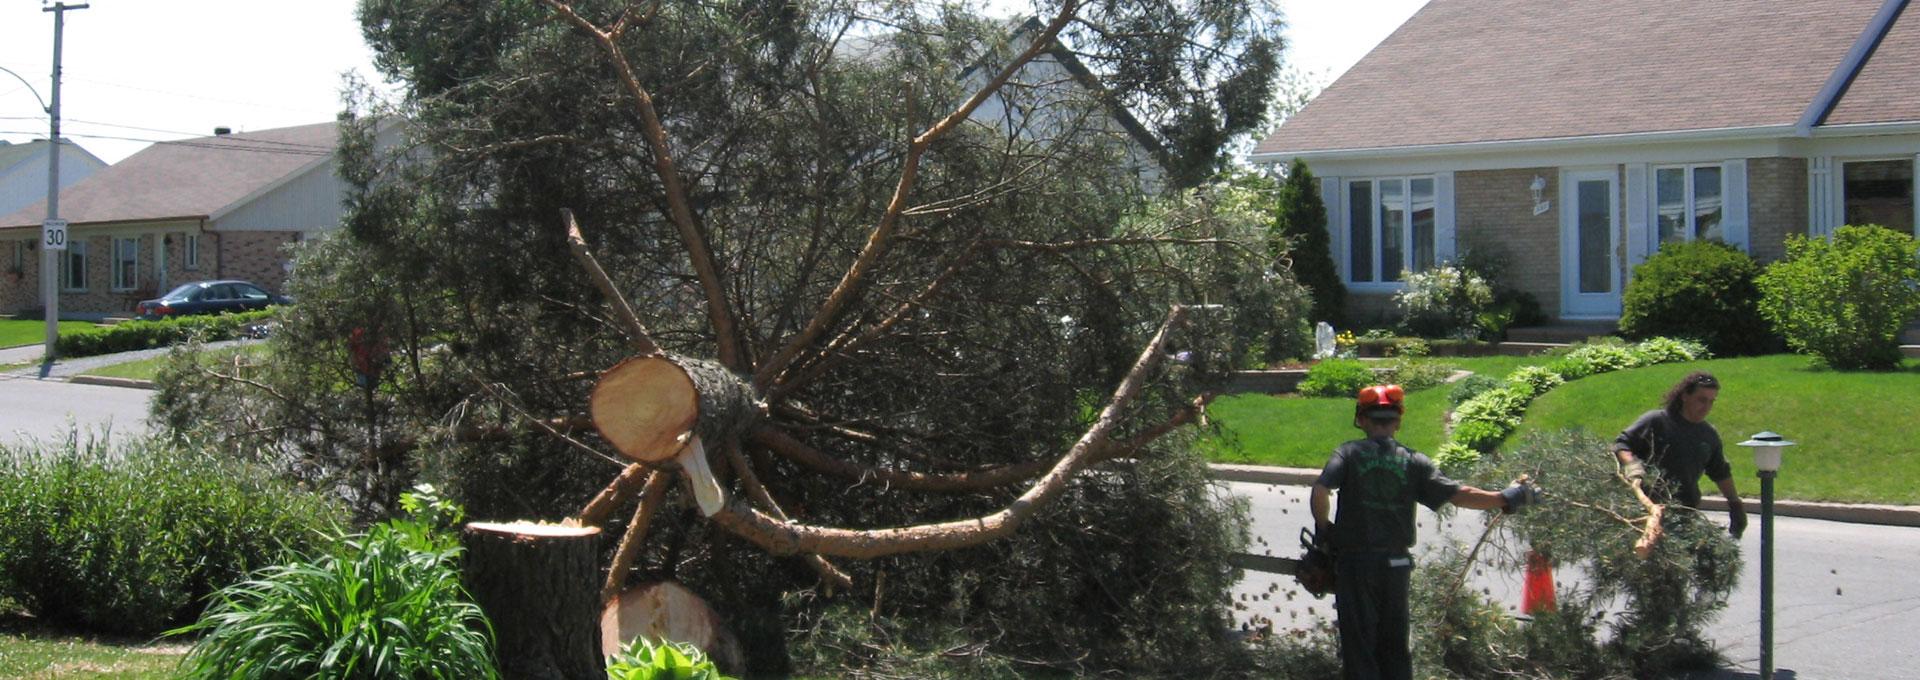 abattage d 39 arbre et mondage d 39 arbre qu bec lagage arboriculteur. Black Bedroom Furniture Sets. Home Design Ideas